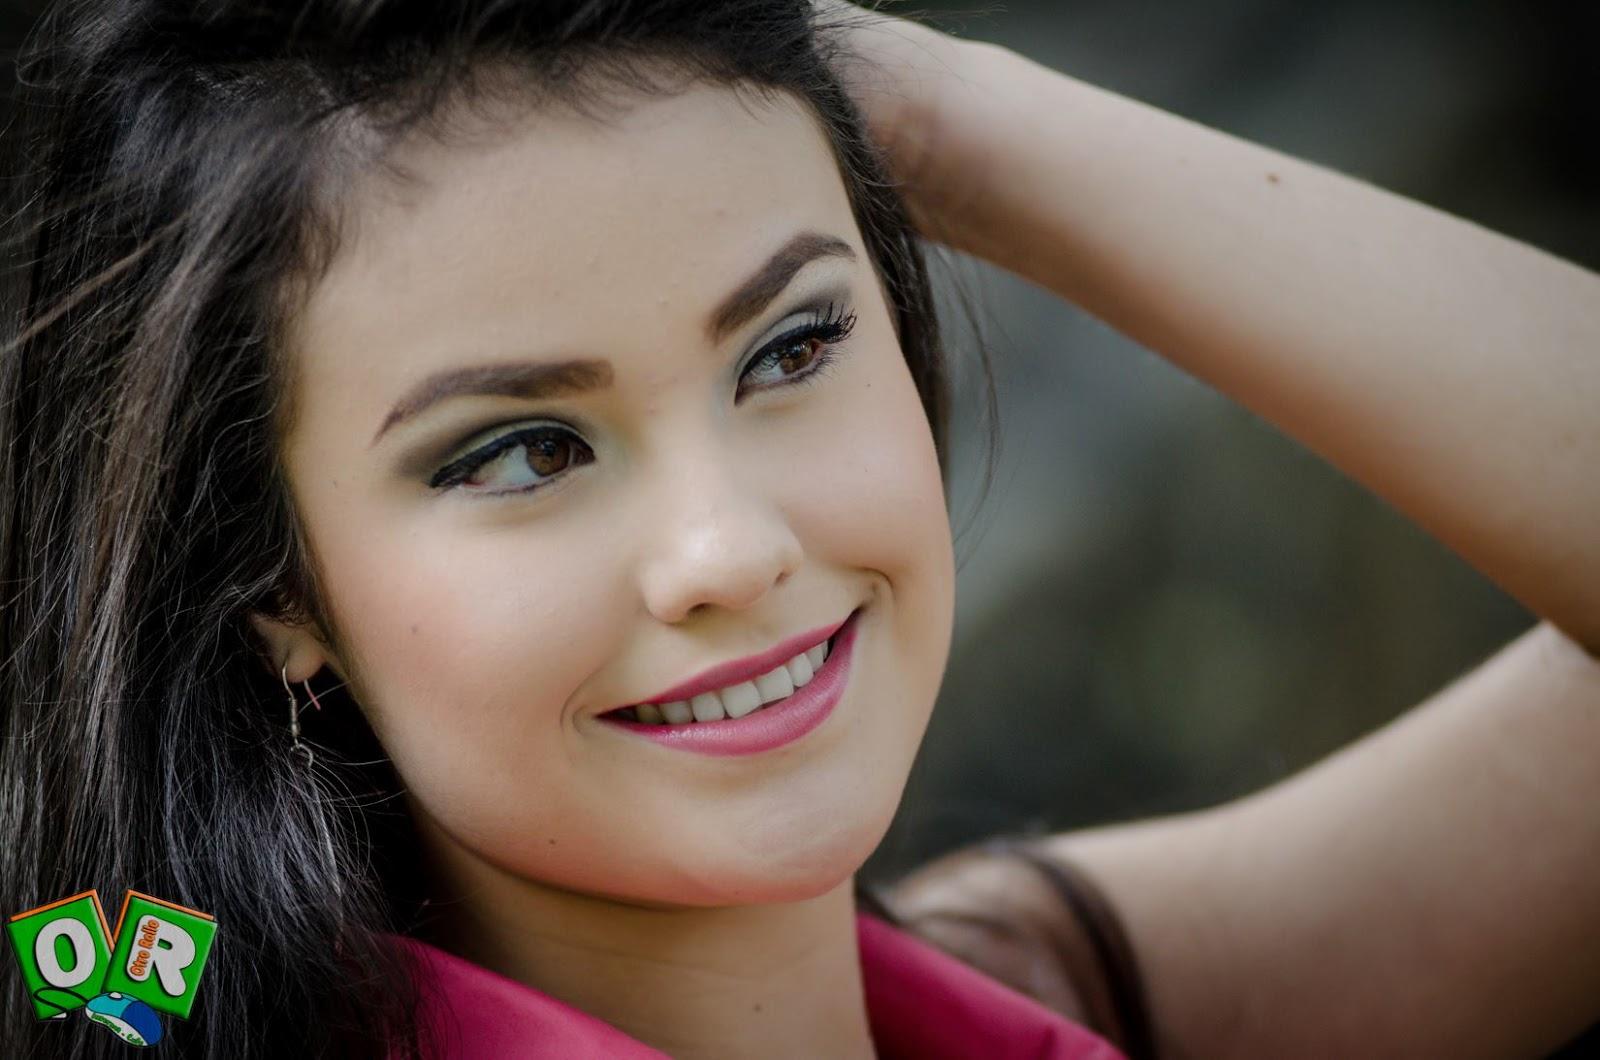 conocer chicas solteras en guatemala